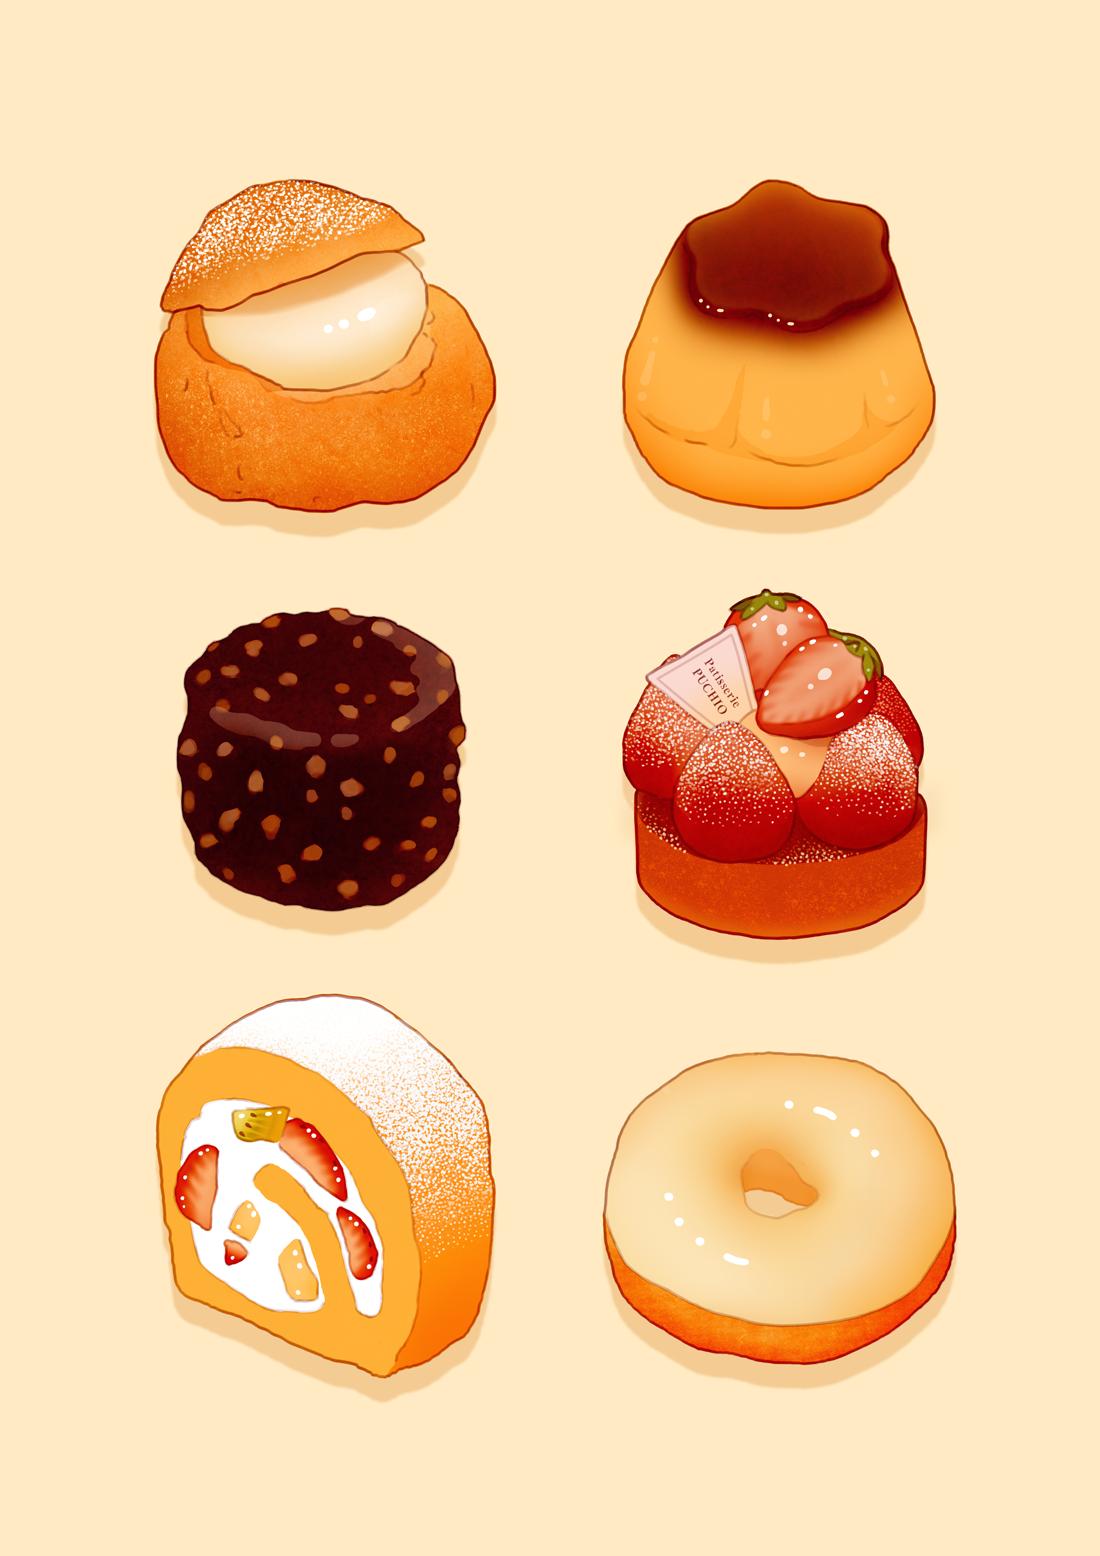 desserts ~ hamsin illustration | food ~ illustrations 2